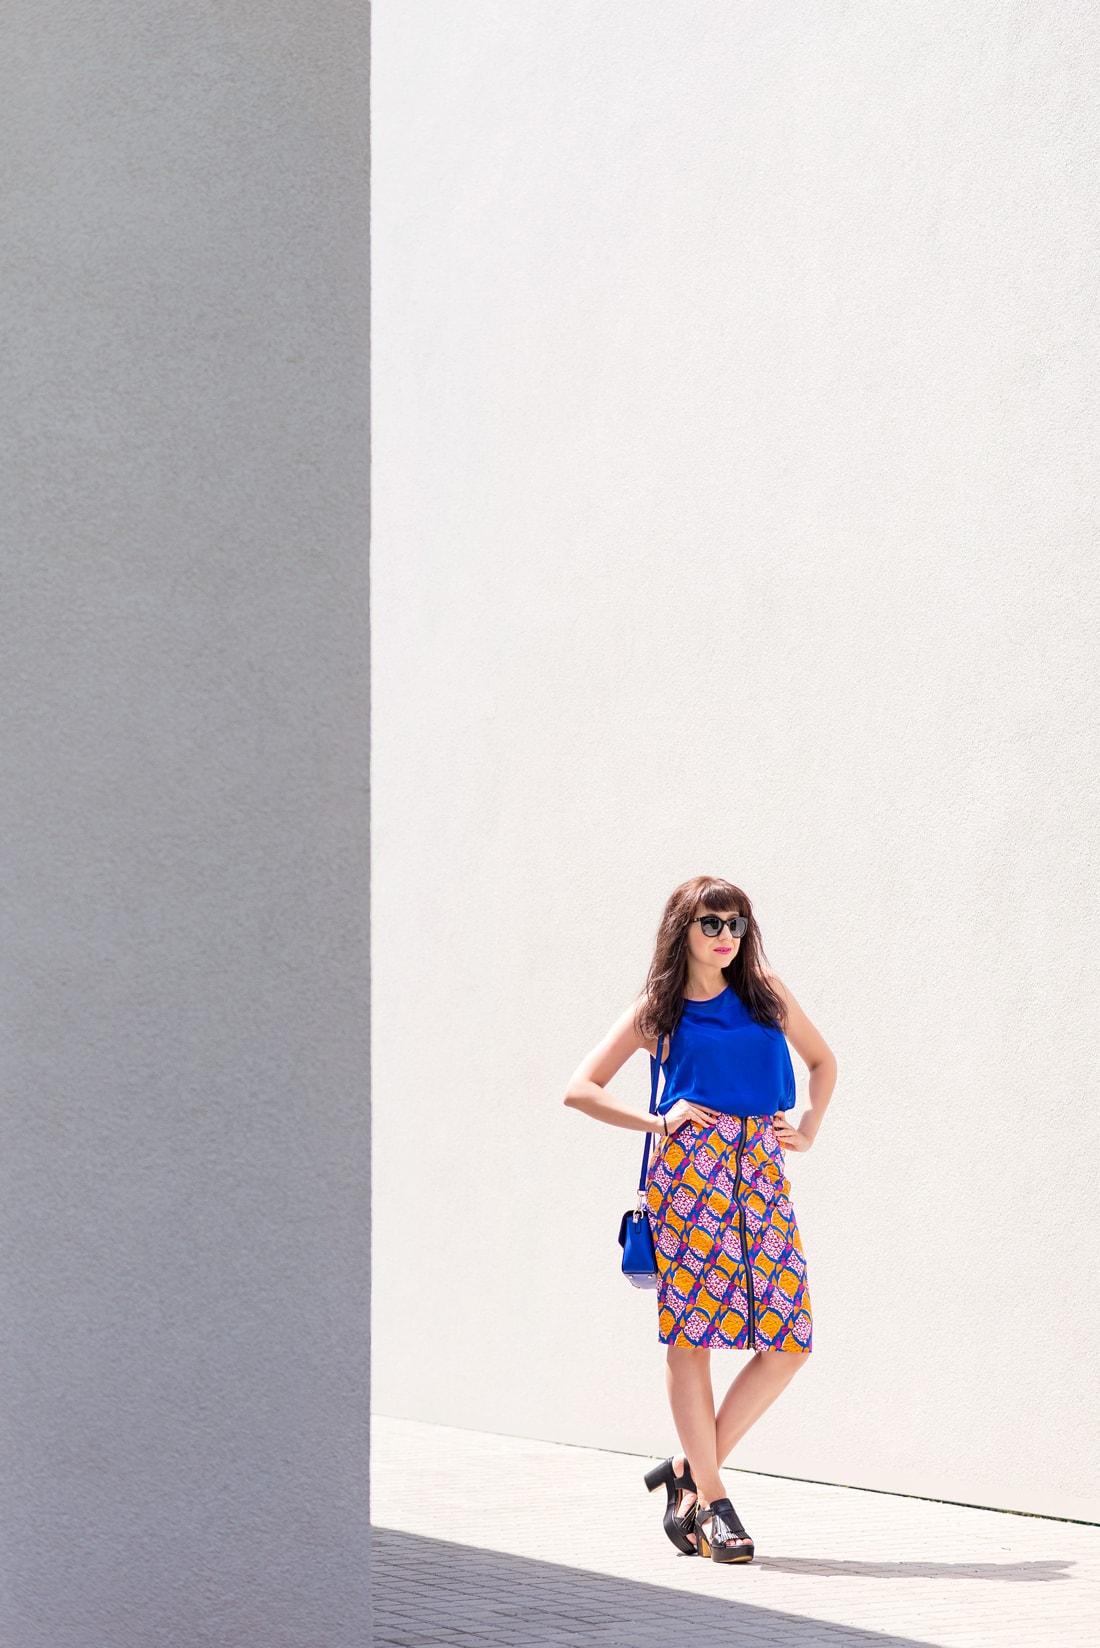 V KTOREJ SUKNI ZAŽIARITE, KEĎ LETO EŠTE NEKONČÍ_Katharine-fashion is beautiful_blog 1_vzorovaná sukňa na leto_Kožená kabelka JEJ_Slnečné okuliare MisterOptic_Katarína Jakubčová_Fashion blogger